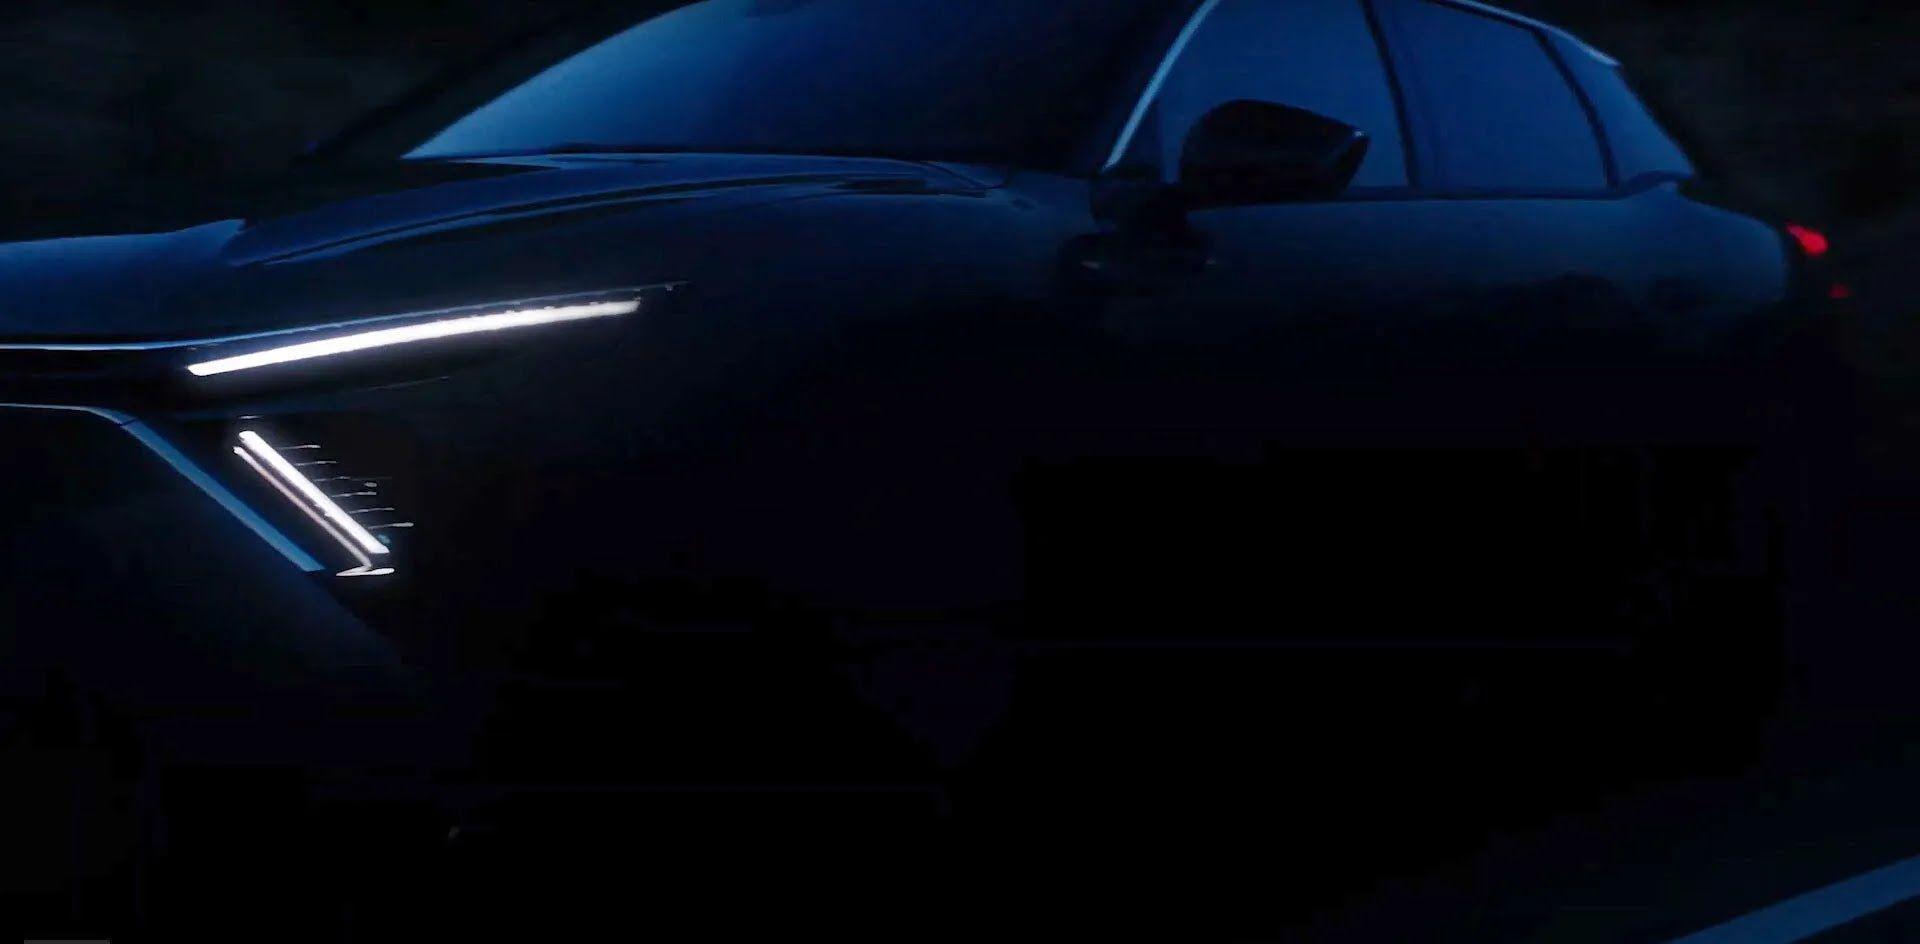 Зокрема від С4 новинка успадкує оформлення передньої частини кузова зі світлодіодним V-подібної головний світлодіодним оптикою